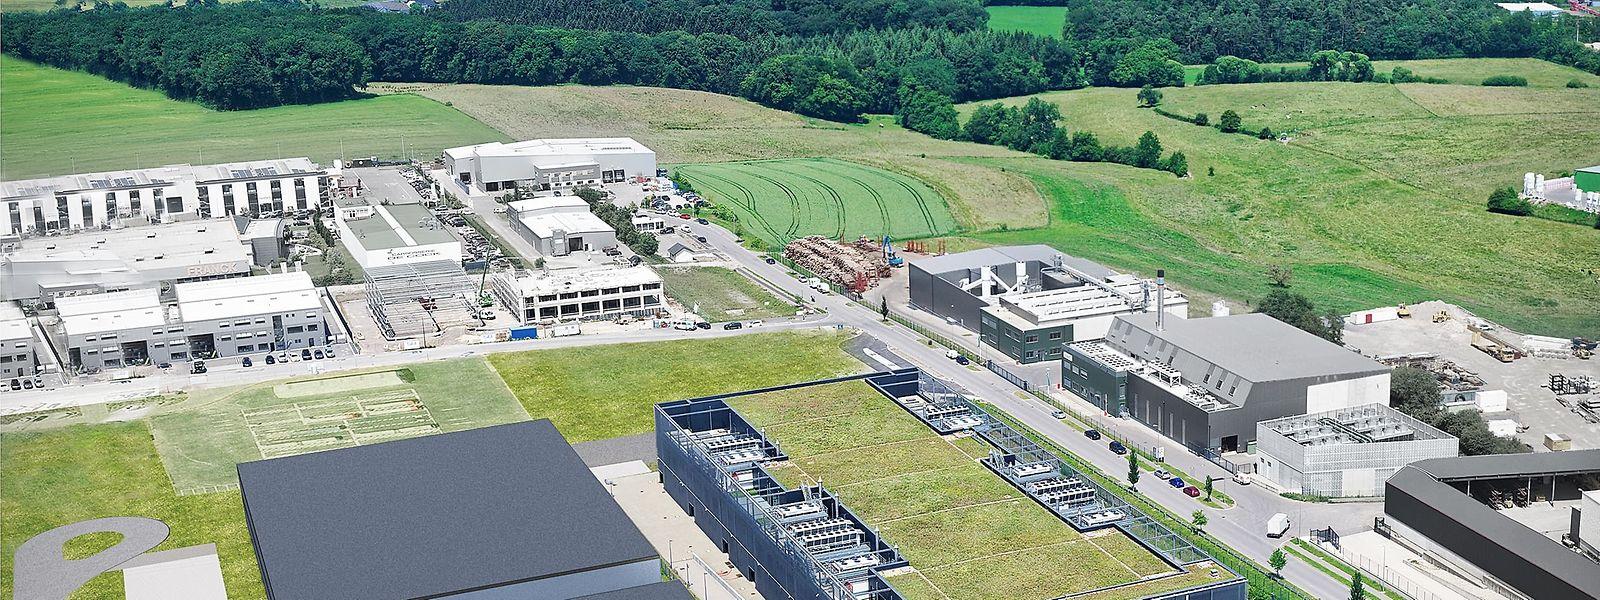 Der neue Luxemburger Superrechner Meluxina wird Anfang 2021 in Bissen in Betrieb gehen. Er wird zu den schnellsten Rechnern Europas gehören.